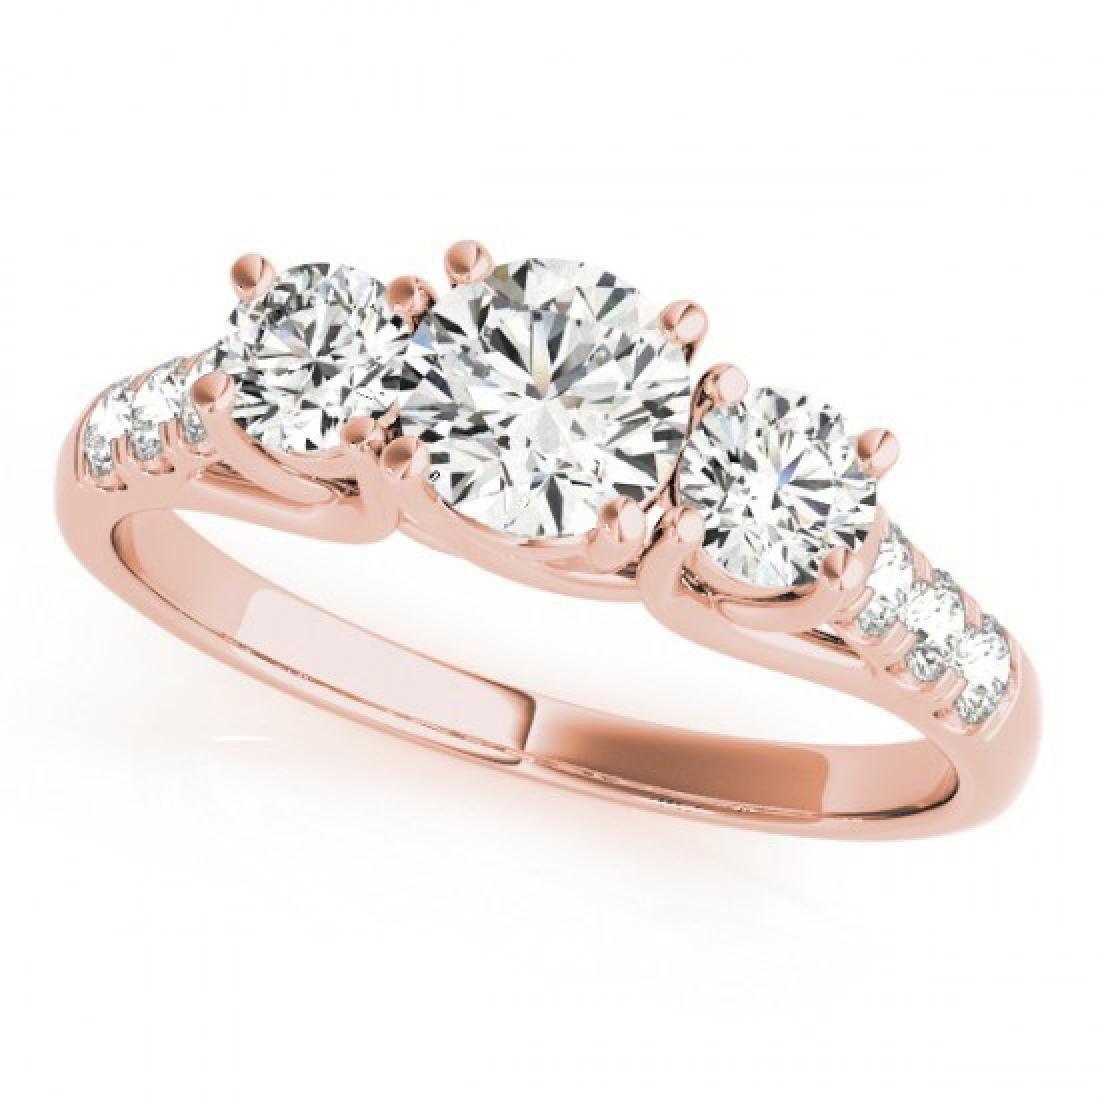 0.75 CTW Certified VS/SI Diamond 3 Stone Ring 14K Rose - 2